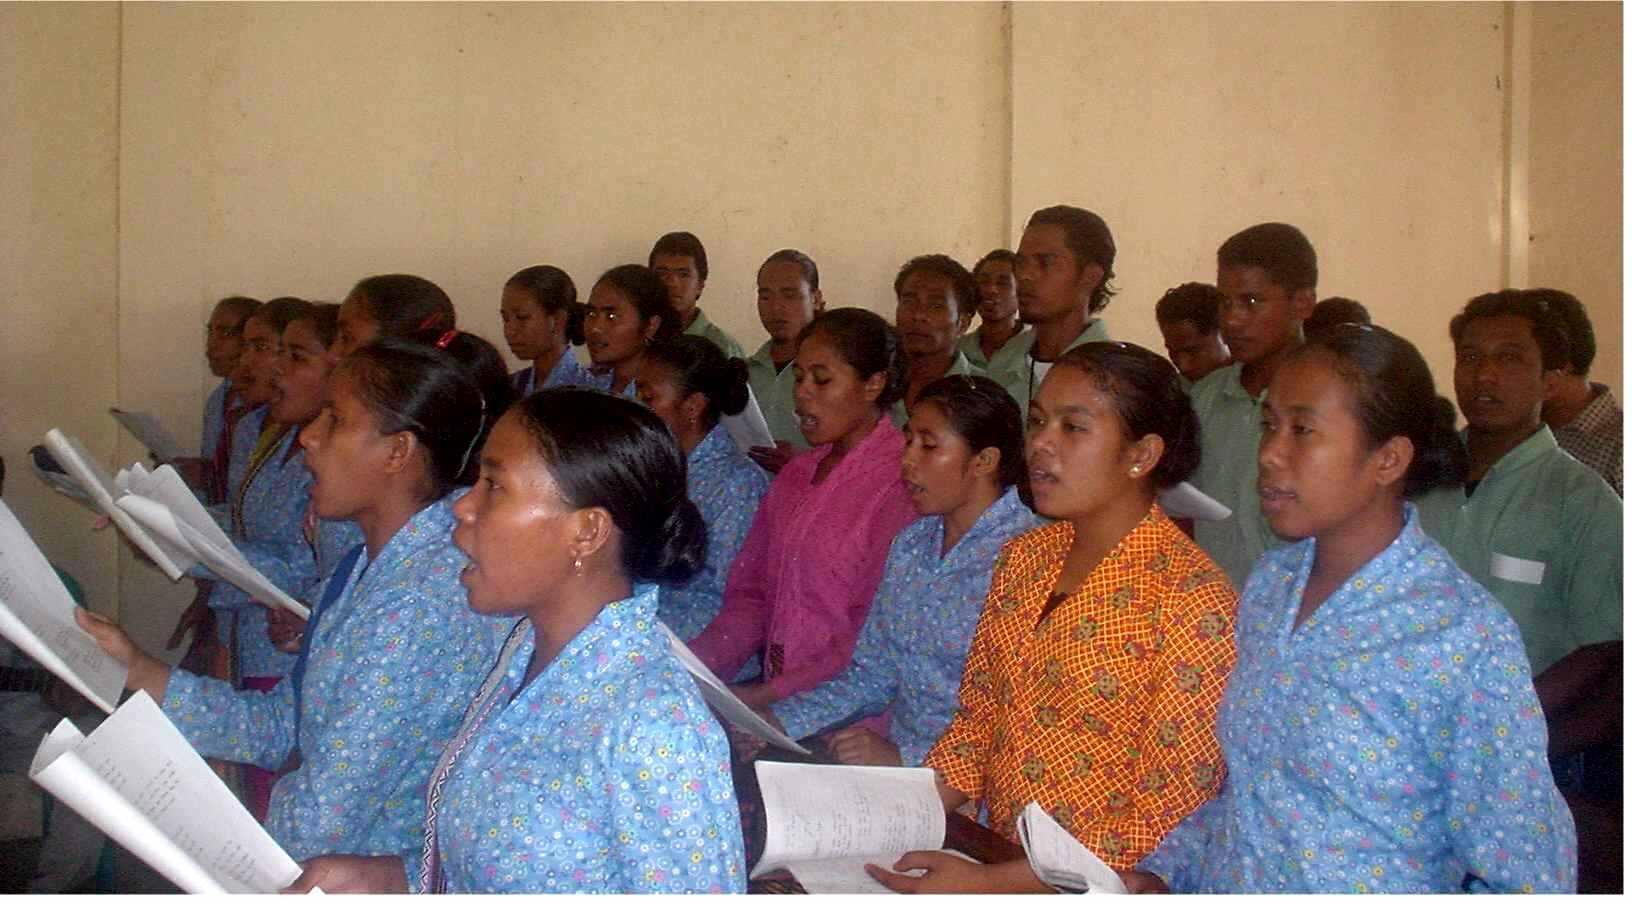 Ad Gentes colabora con otras Iglesias diocesanas en países necesitados